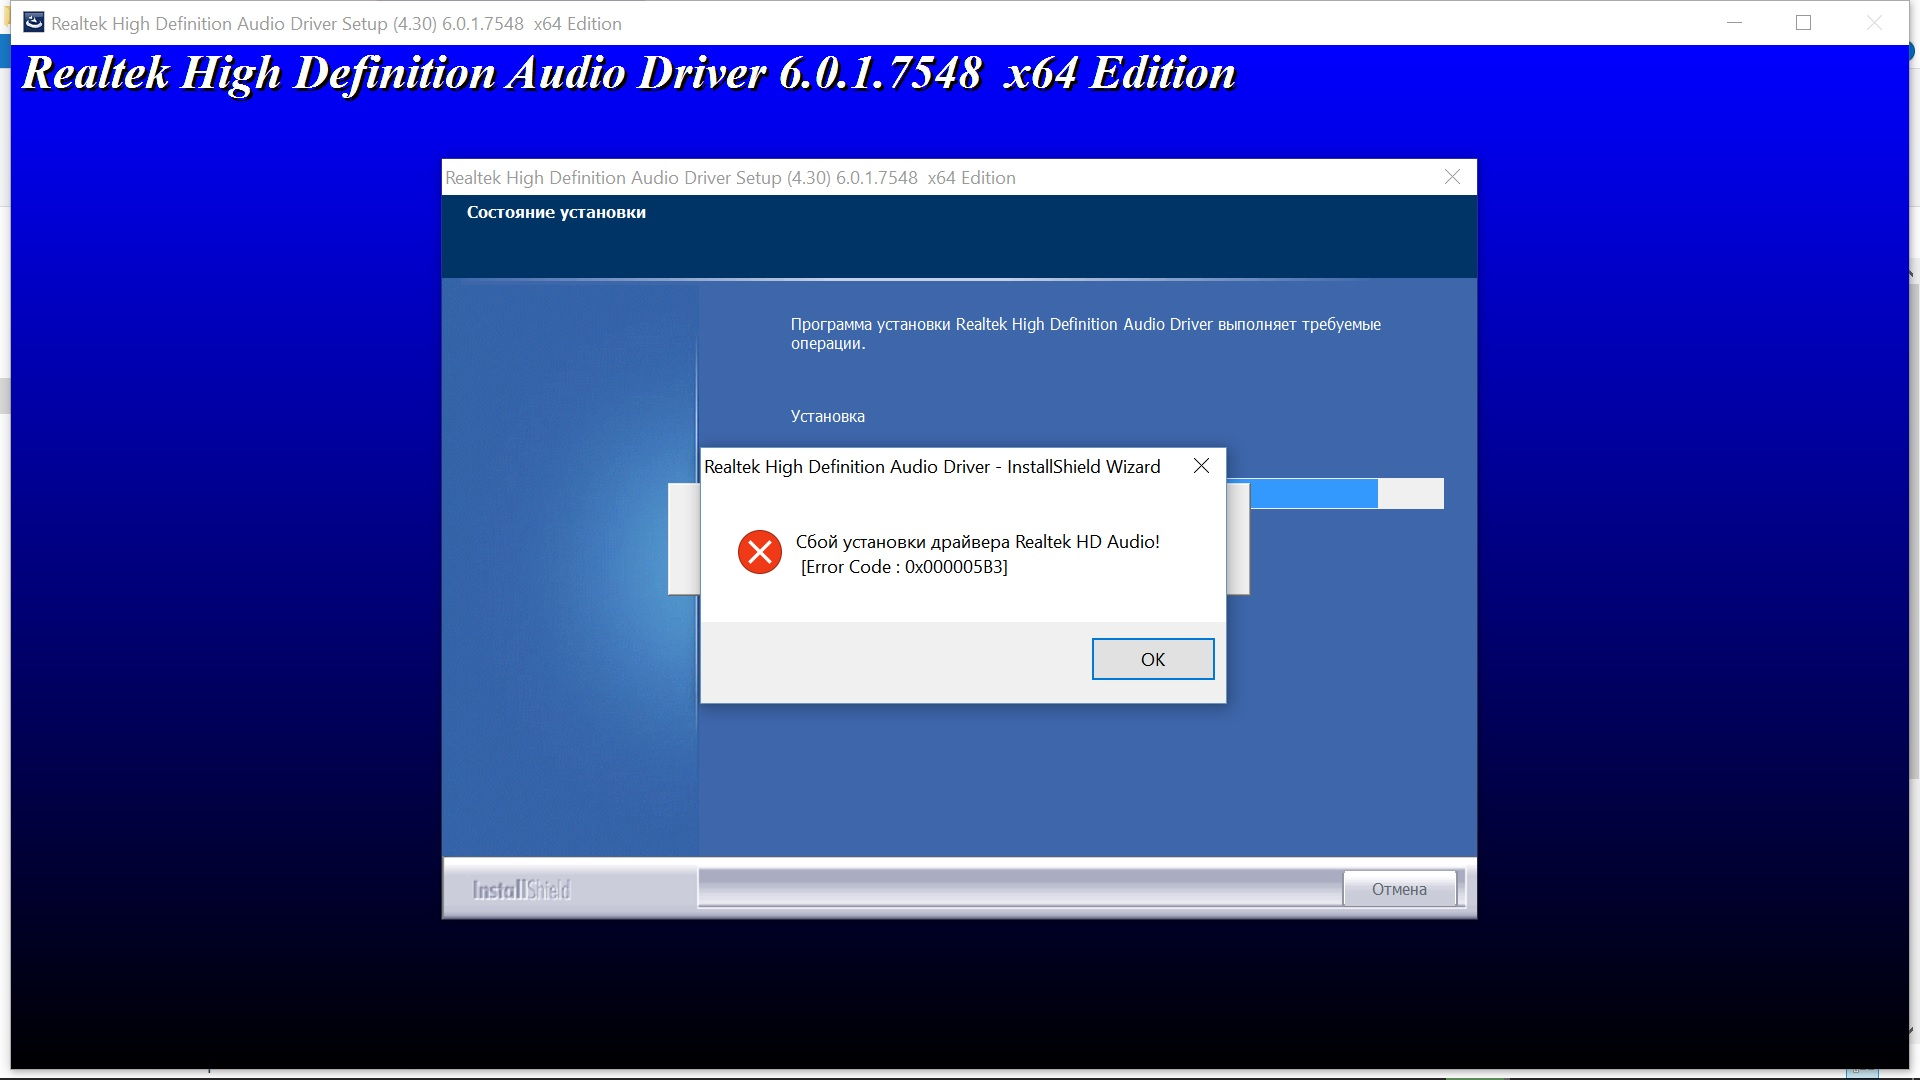 сбой установки драйвера realtek hd audio error code 0x000005b3